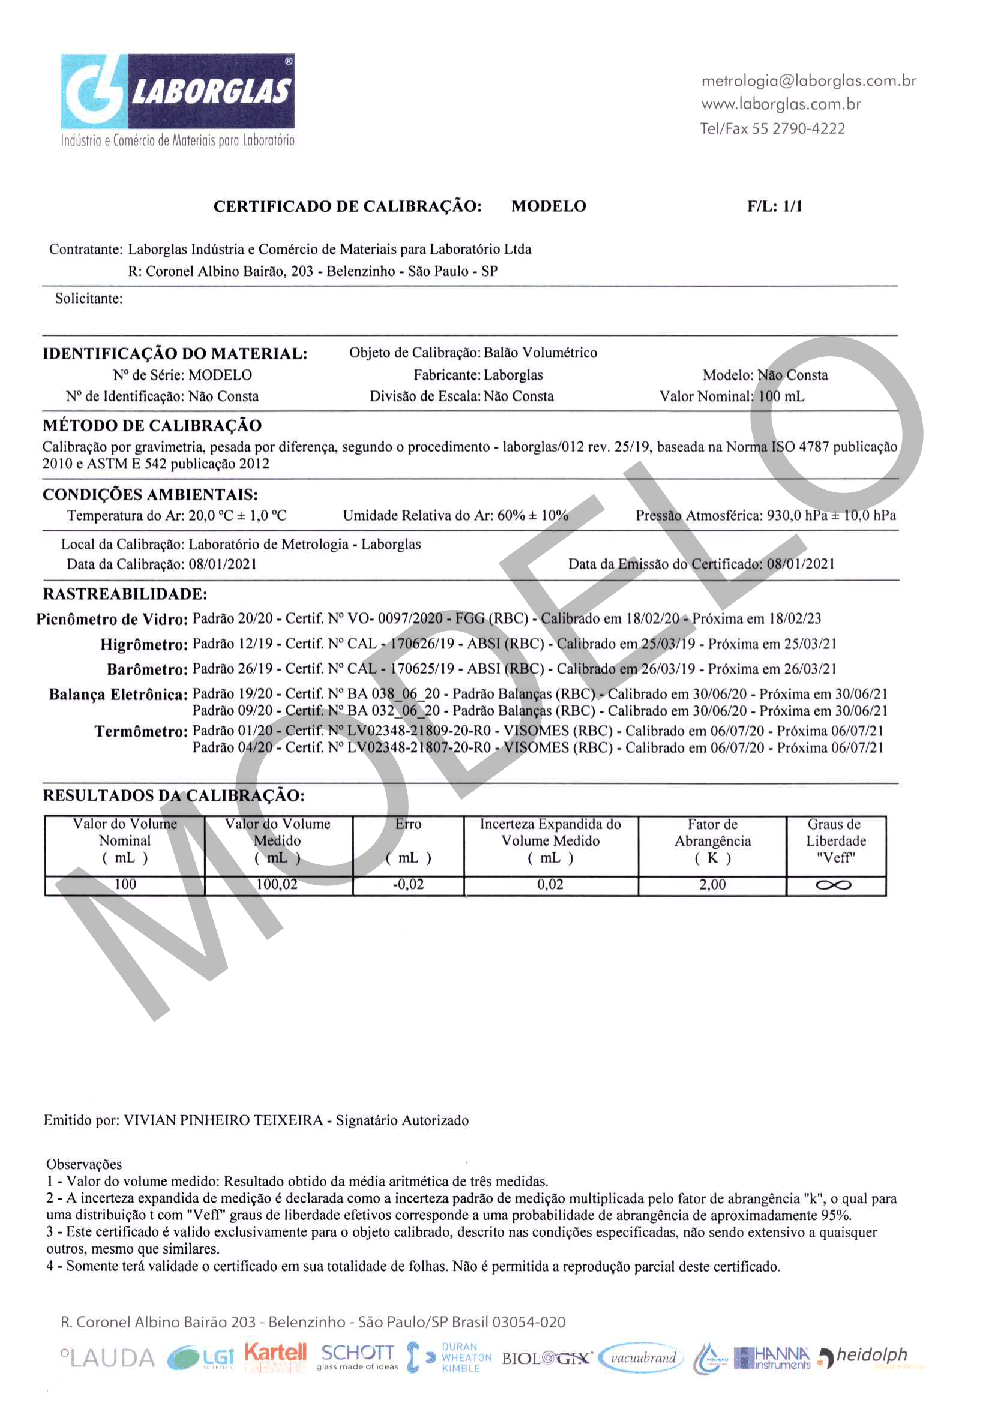 BALÃO VOLUMÉTRICO CLASSE A ROLHA POLI C/ CERTIFICADO RASTREÁVEL 20 ML - Marca Laborglas - Cód. 9167812-C